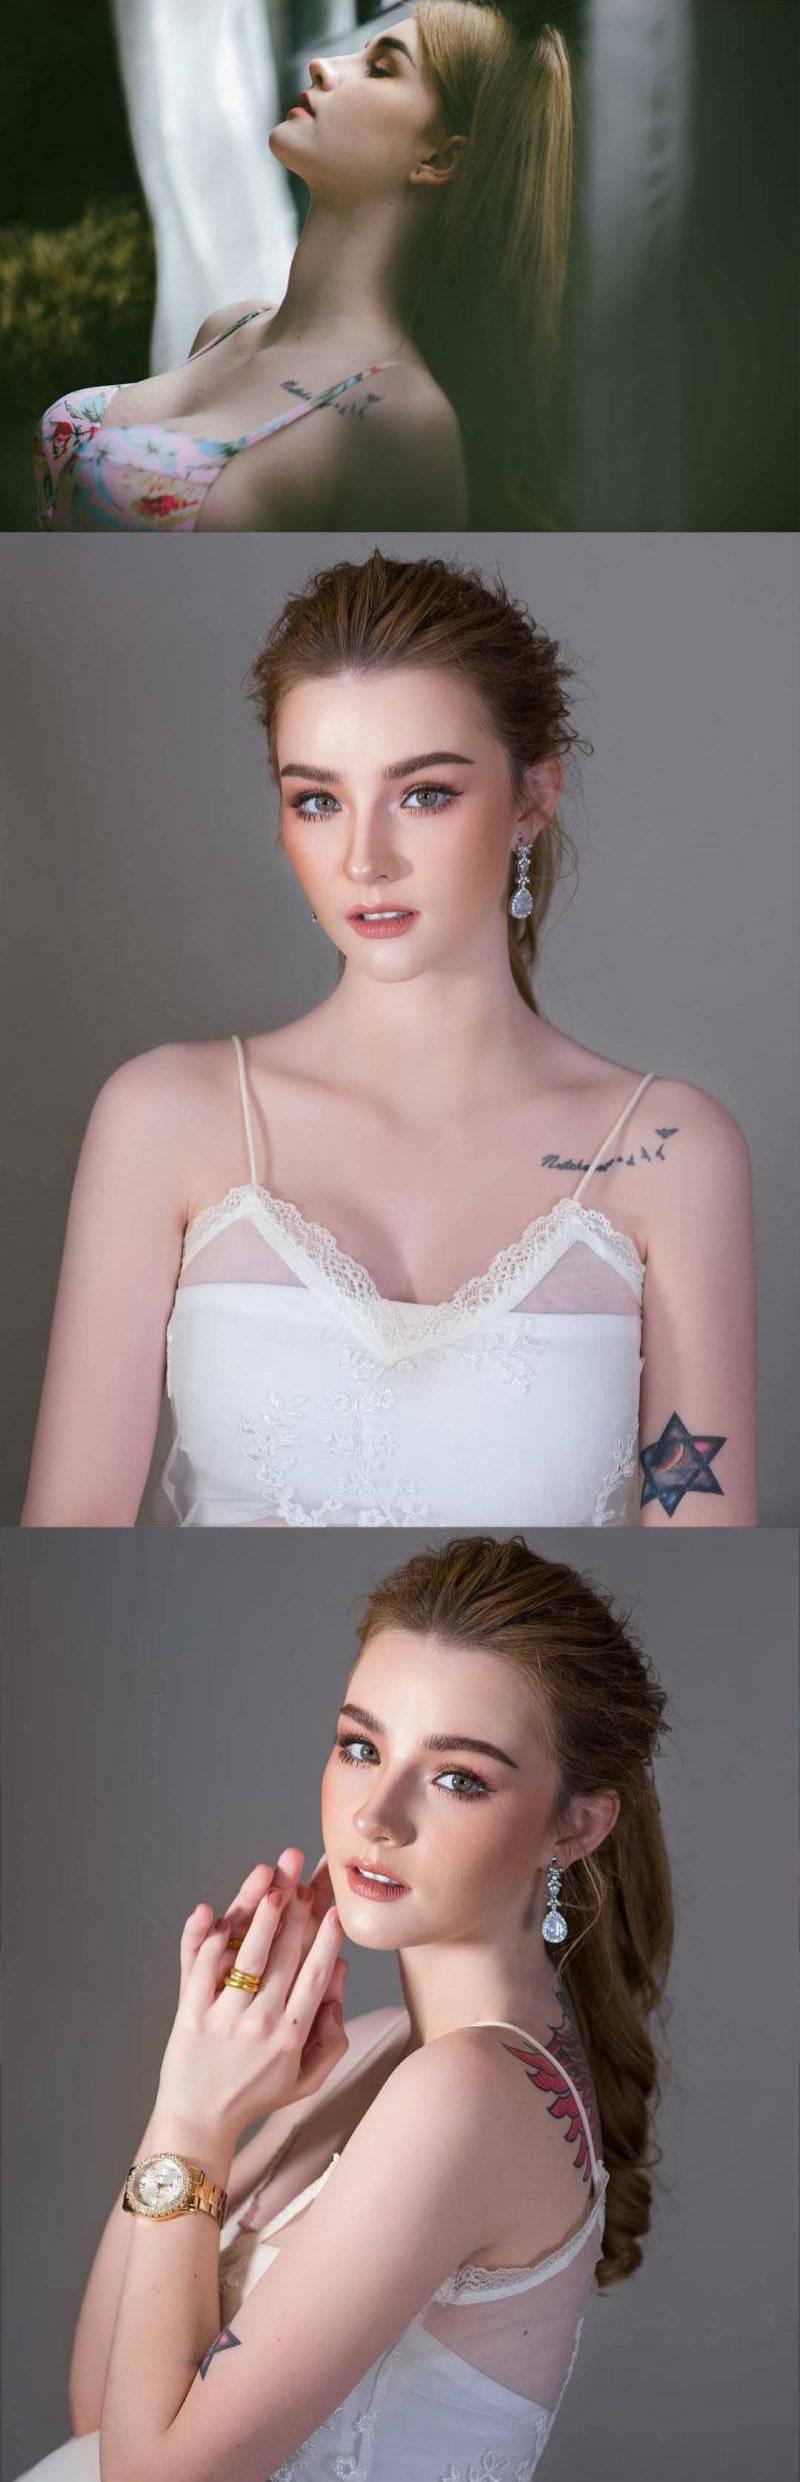 [妹子图]Jessie Vard  养眼图片 第5张